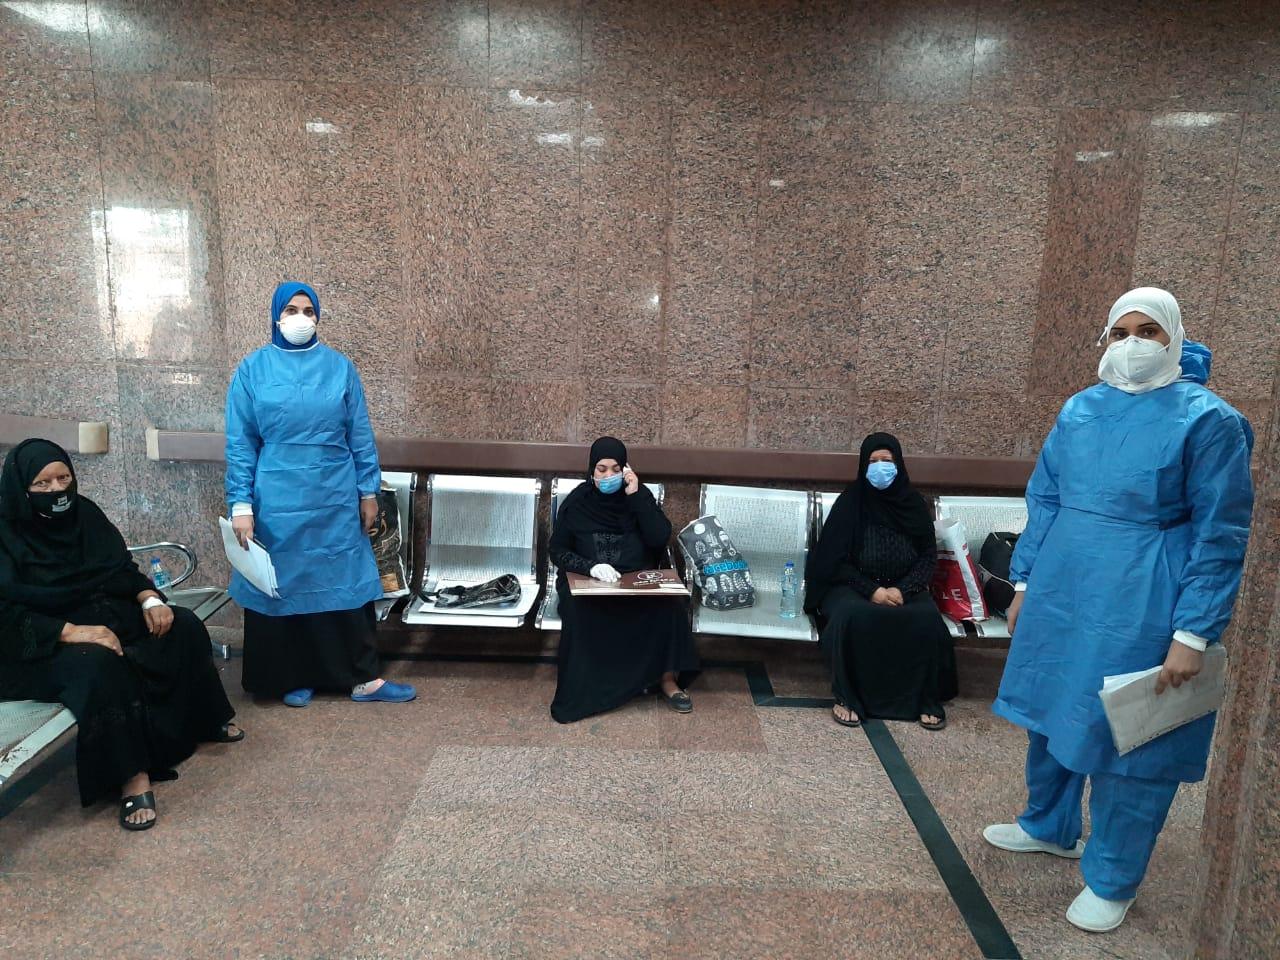 مستشفى الأقصر العام تشهد خروج 10 حالات بعد شفاؤهم من فيروس كورونا (8)